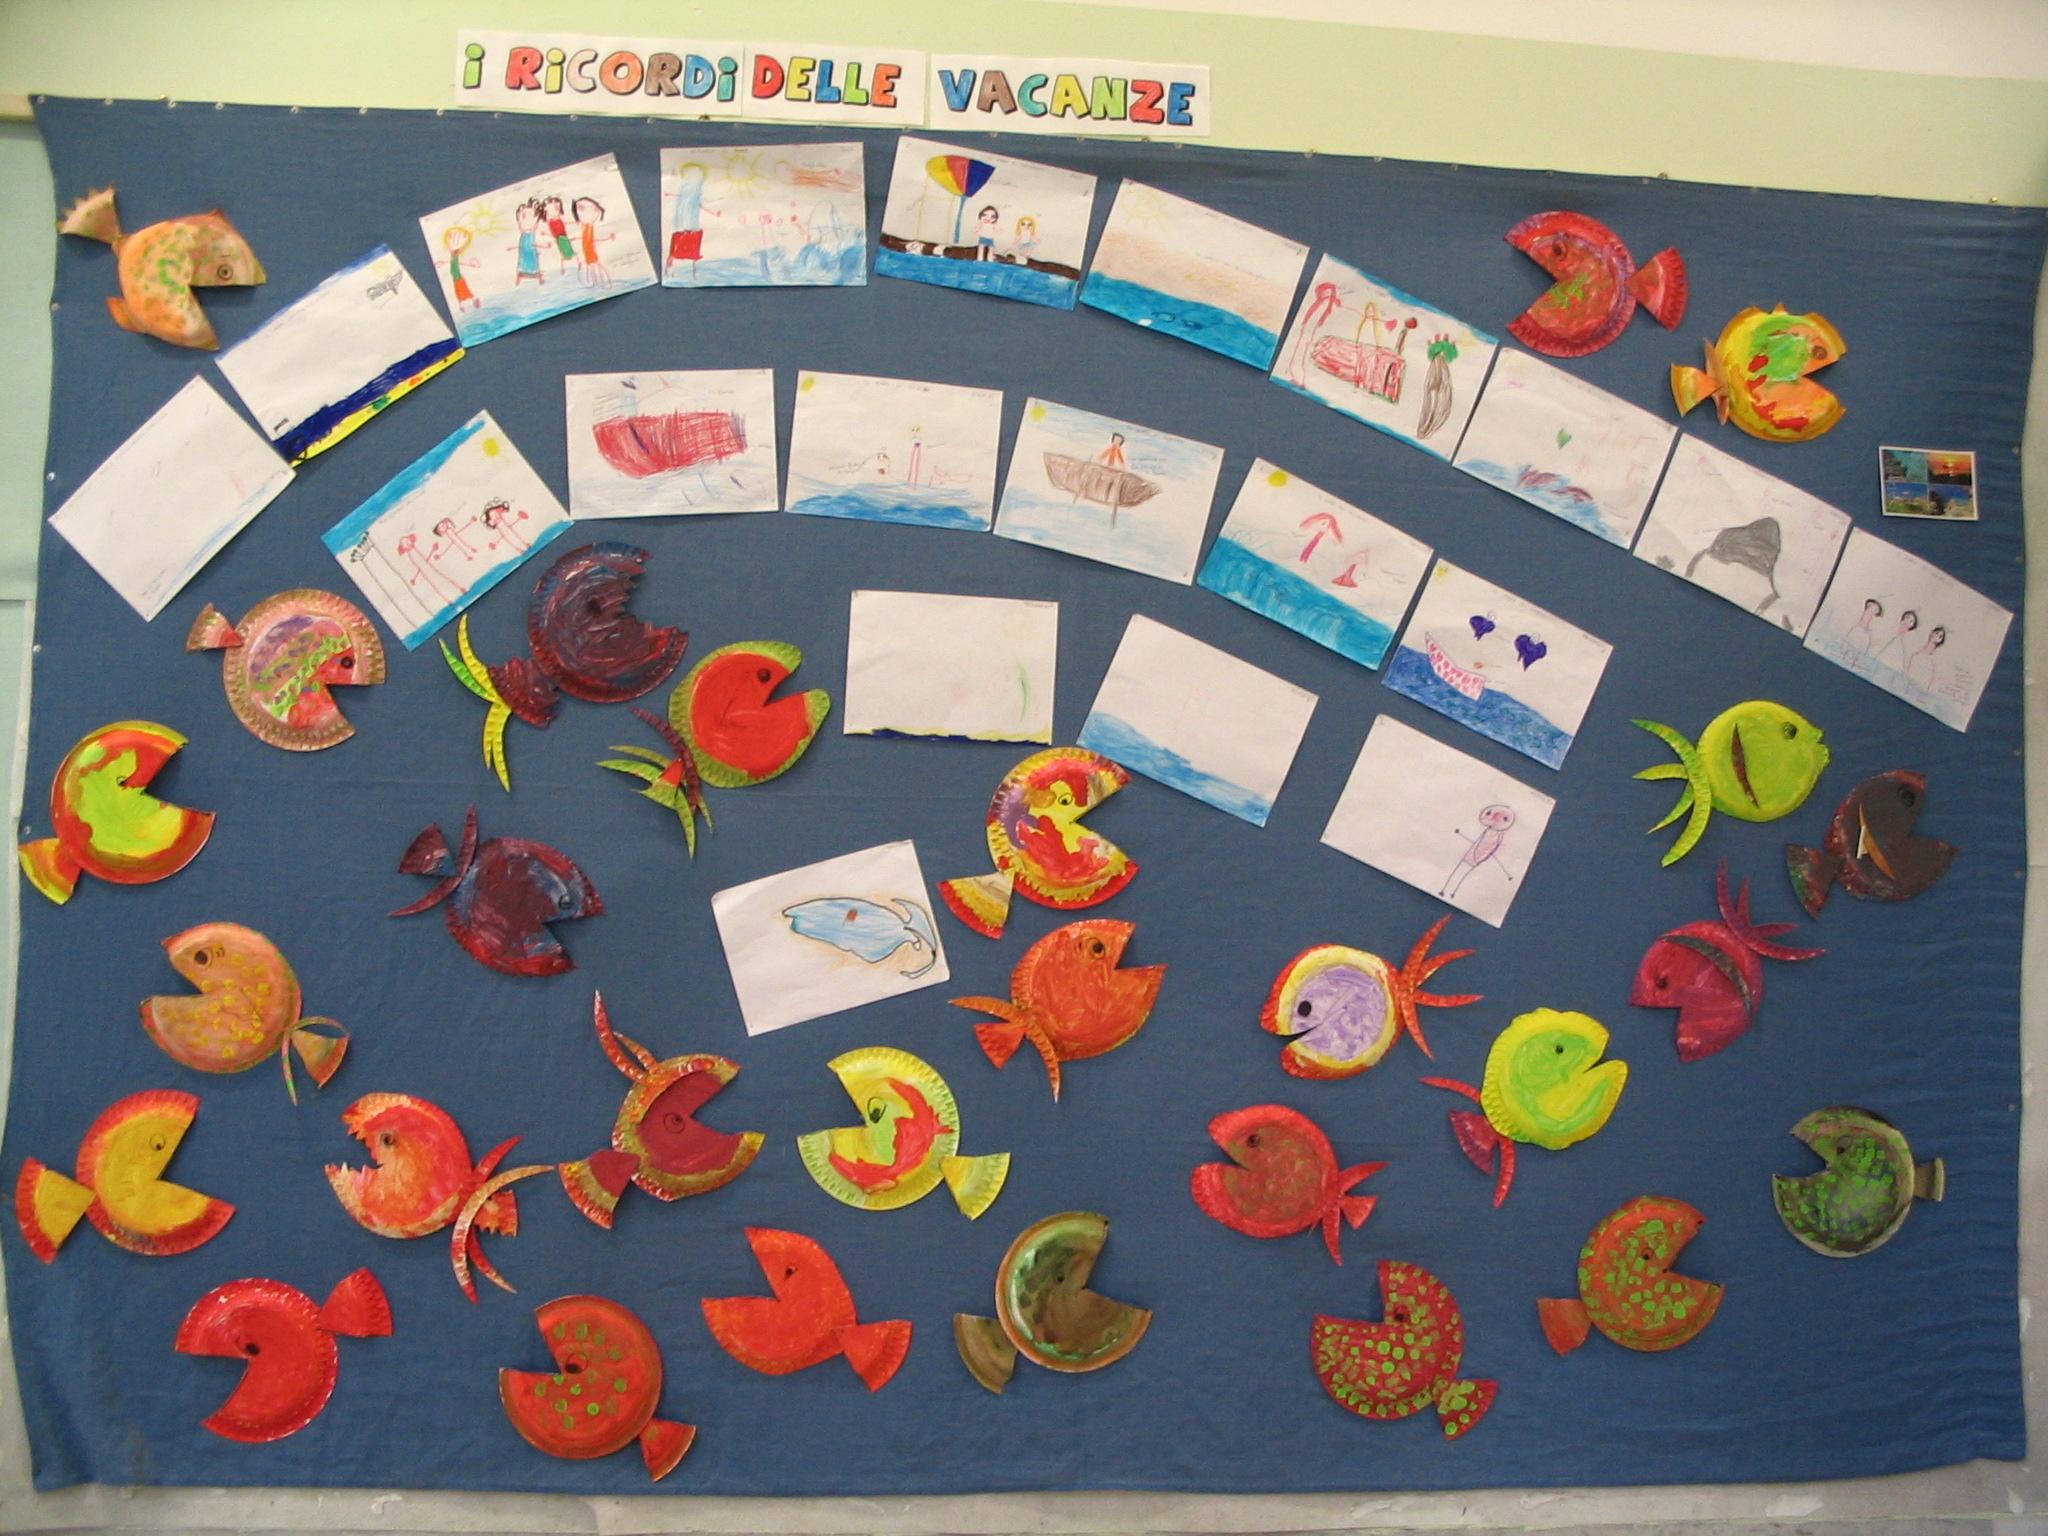 I ricordi delle vacanze attivit per la scuola dell for Cartelloni di natale per la scuola dell infanzia